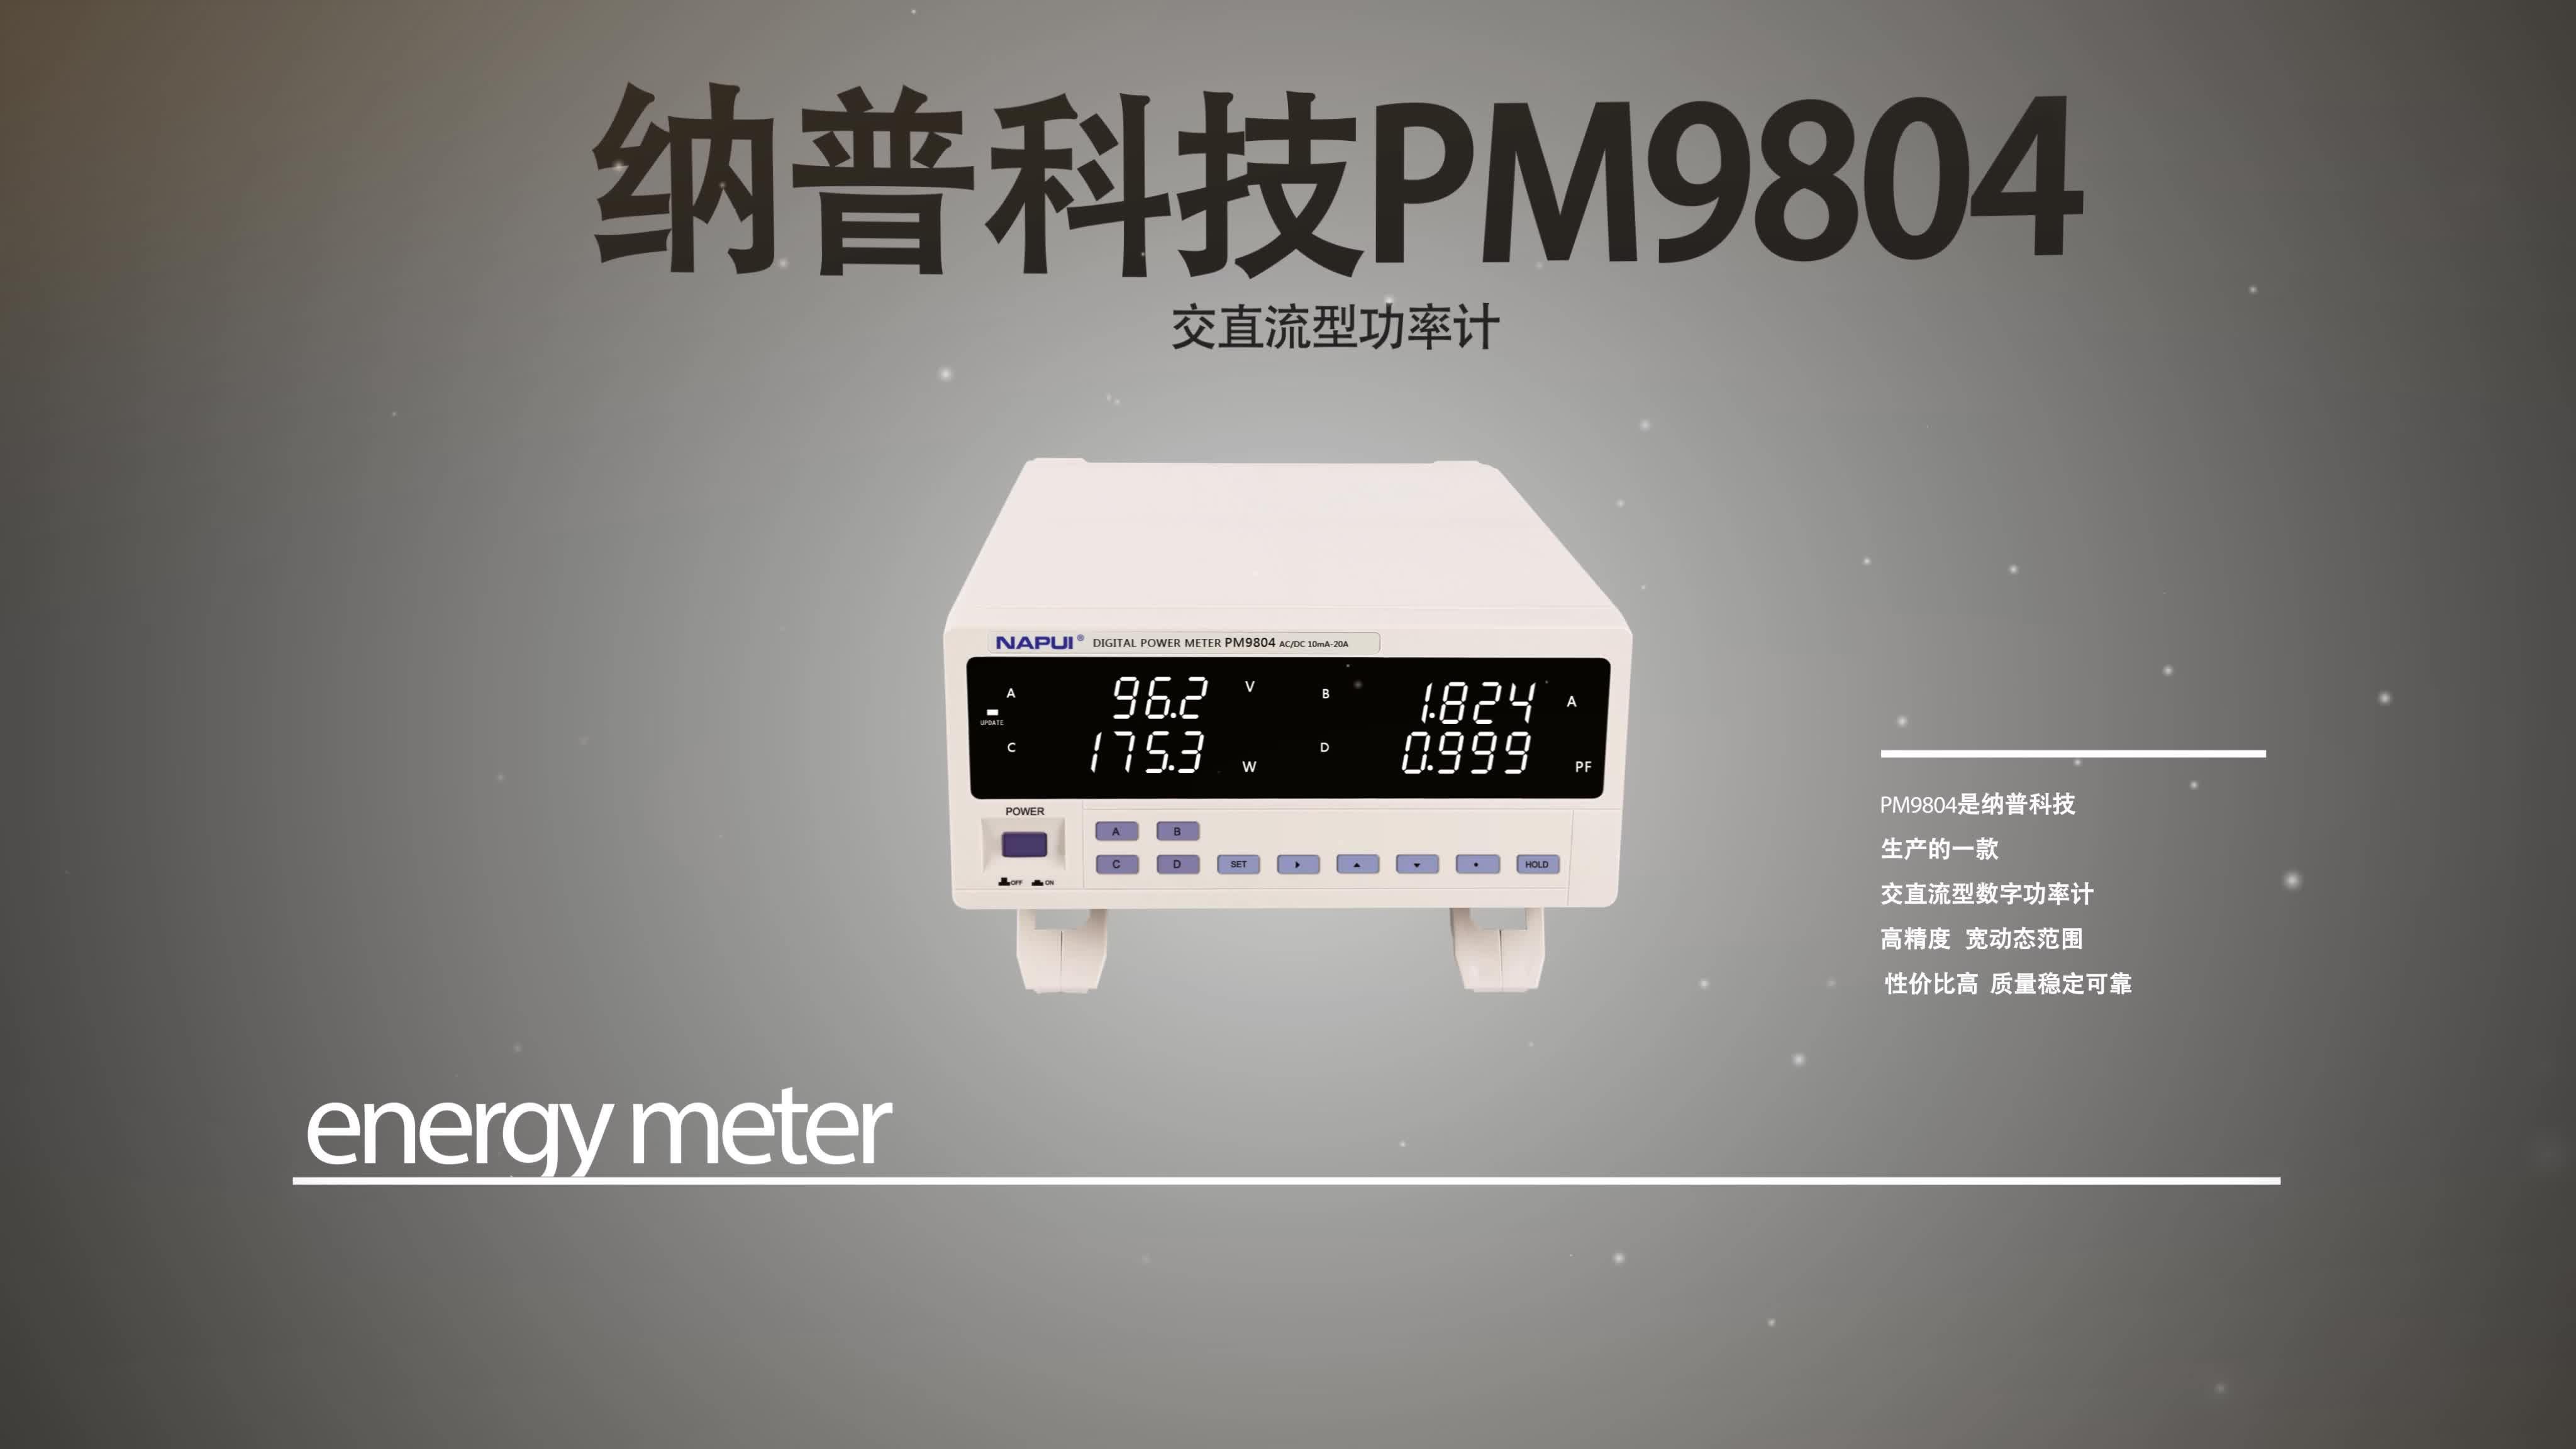 纳普科技数字功率计PM9804产品介绍厂家直销